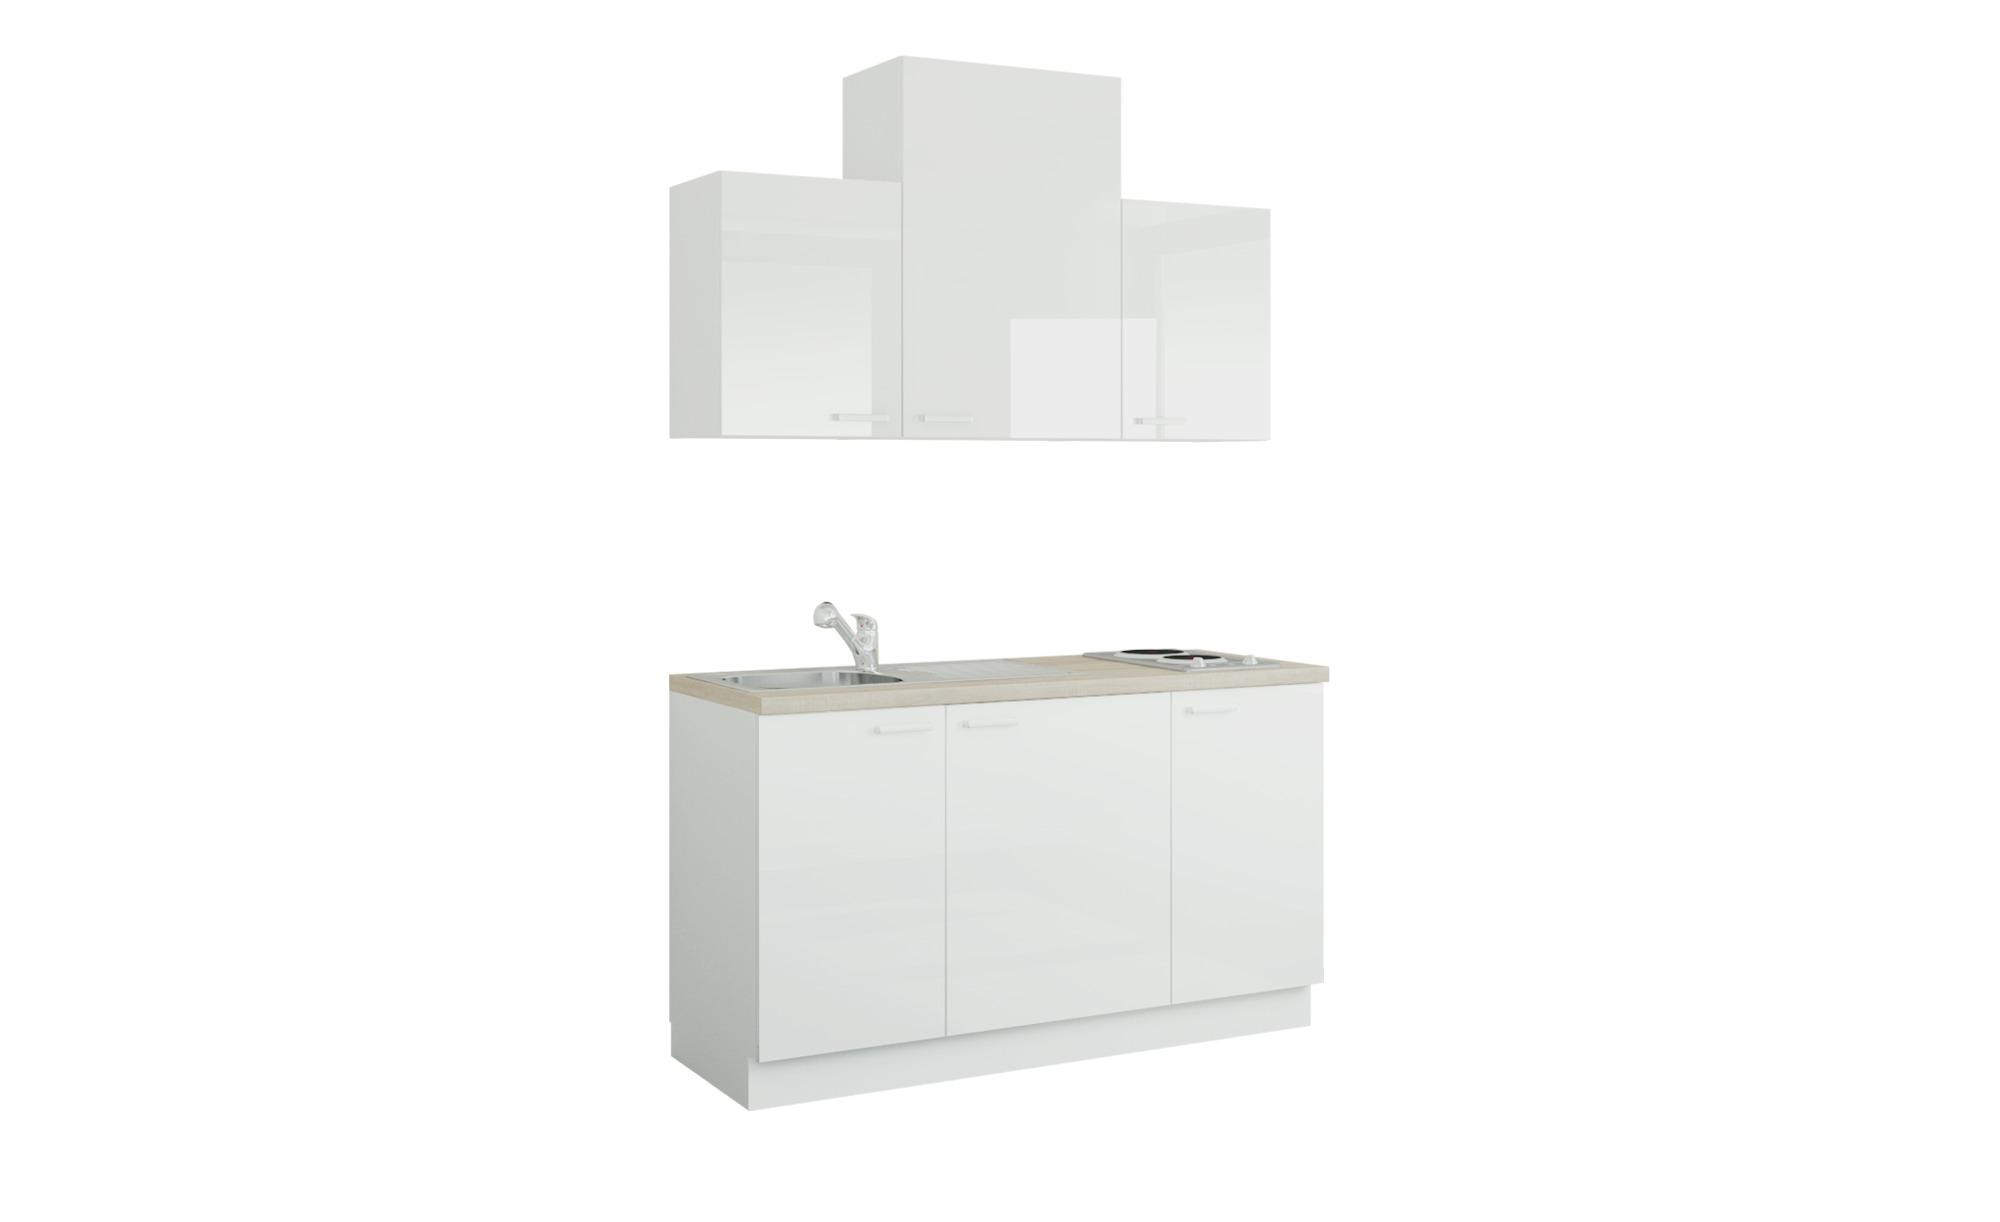 Küchenzeile mit Elektrogeräten  Aue ¦ weiß ¦ Maße (cm): B: 150 Küchen > Küchenblöcke mit E-Geräten - Höffner